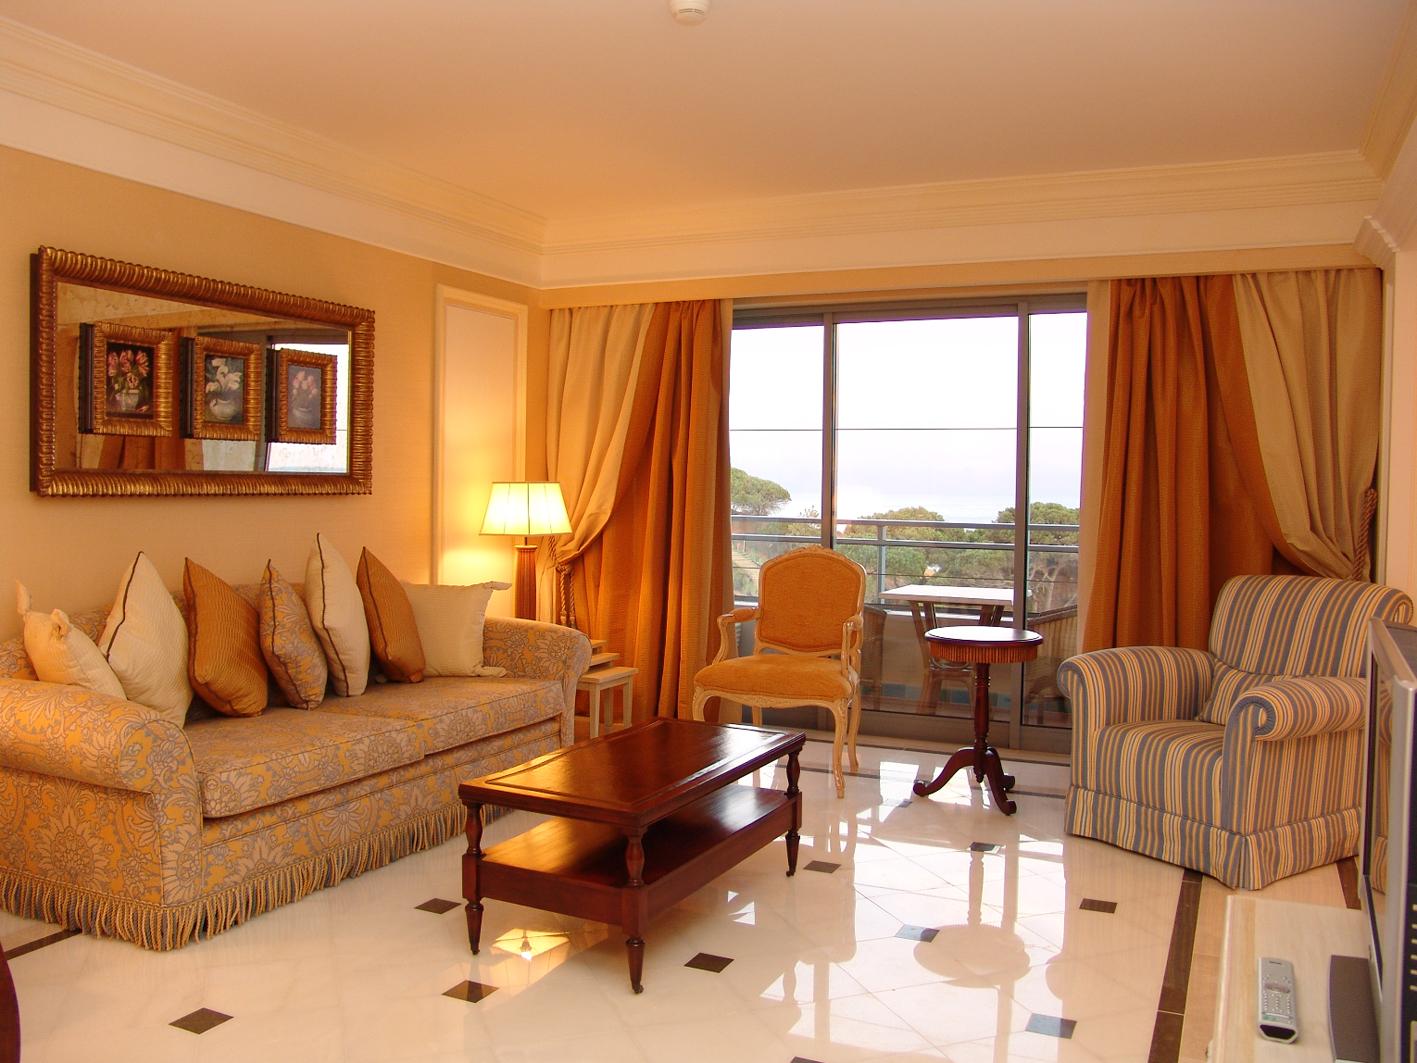 Contoh gambar ruang tamu rumah  Minimalistidcom